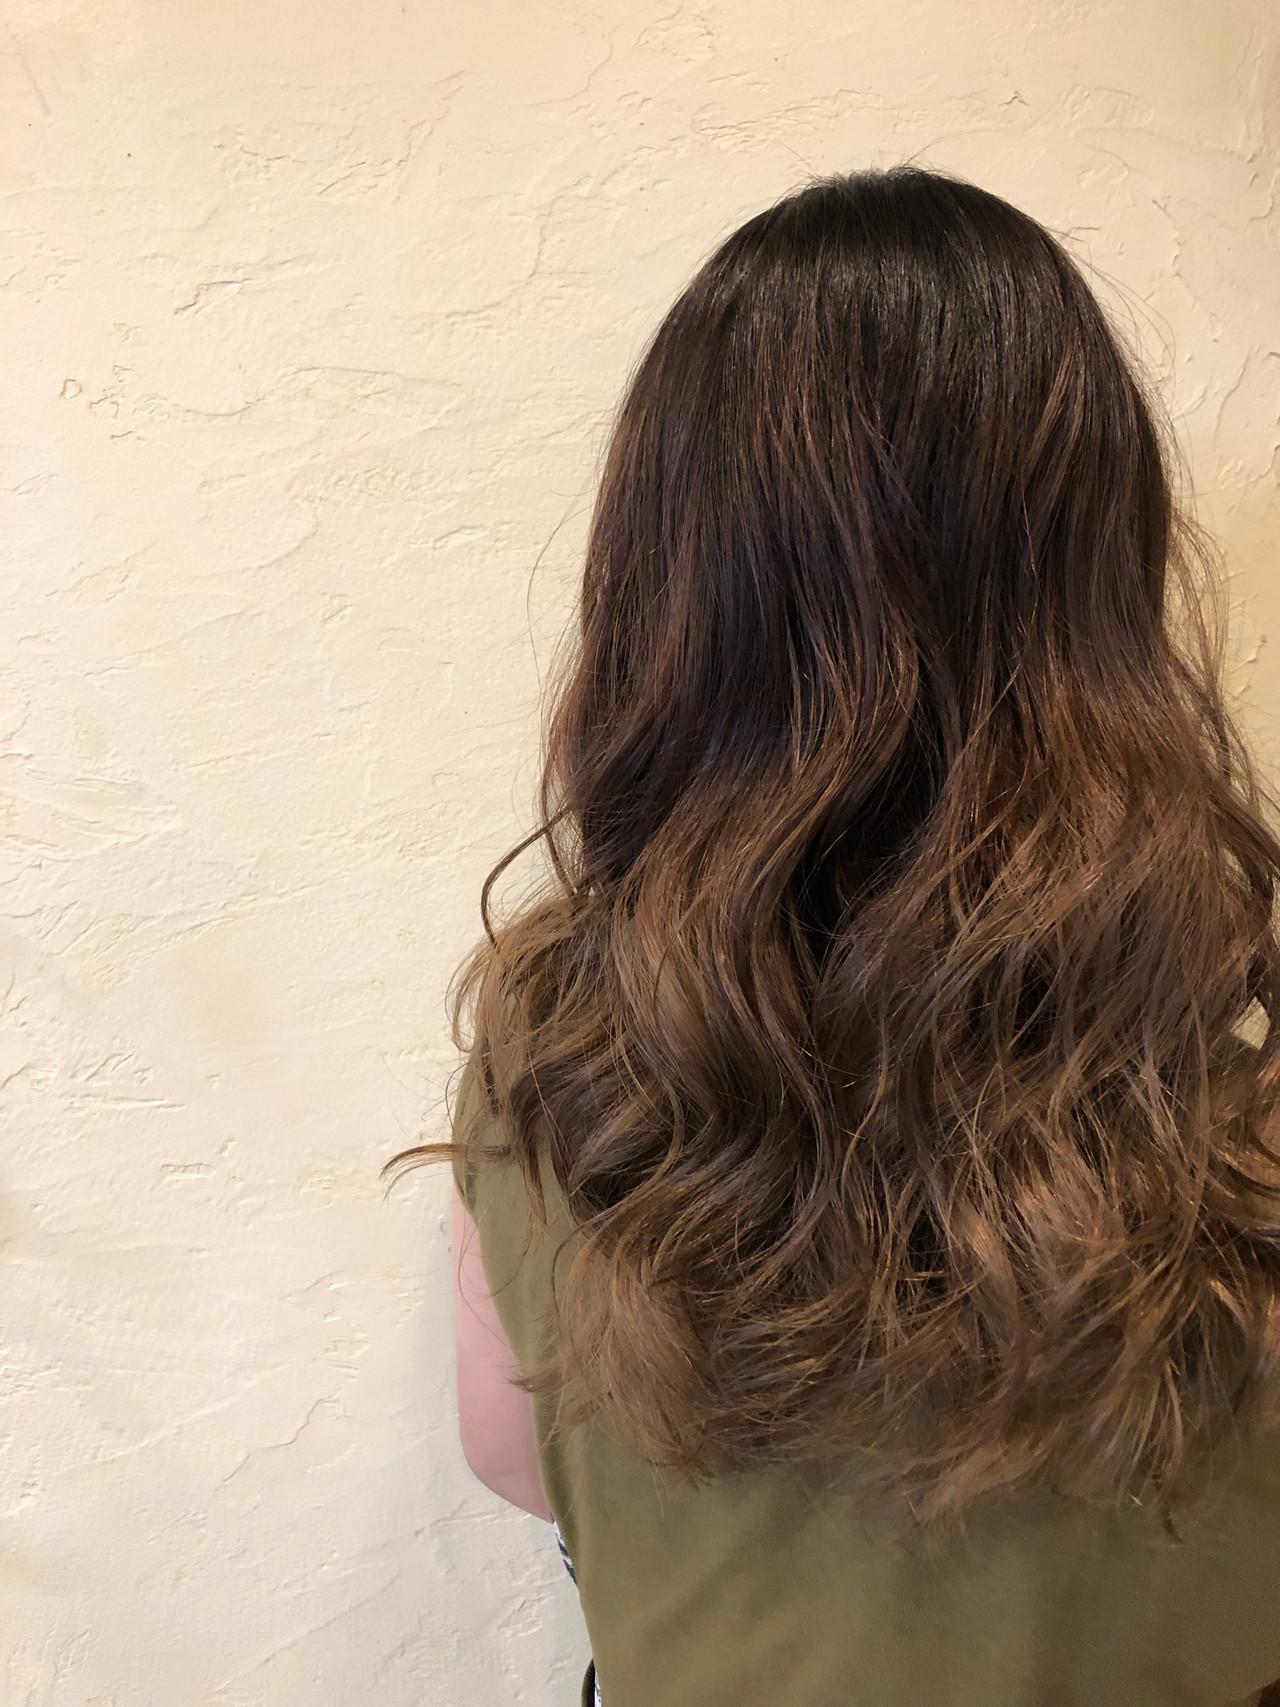 ナチュラル セミロング ブリーチ必須 デザインカラー ヘアスタイルや髪型の写真・画像 | TMe hair/tomoe chiba / TMe hair川崎小田